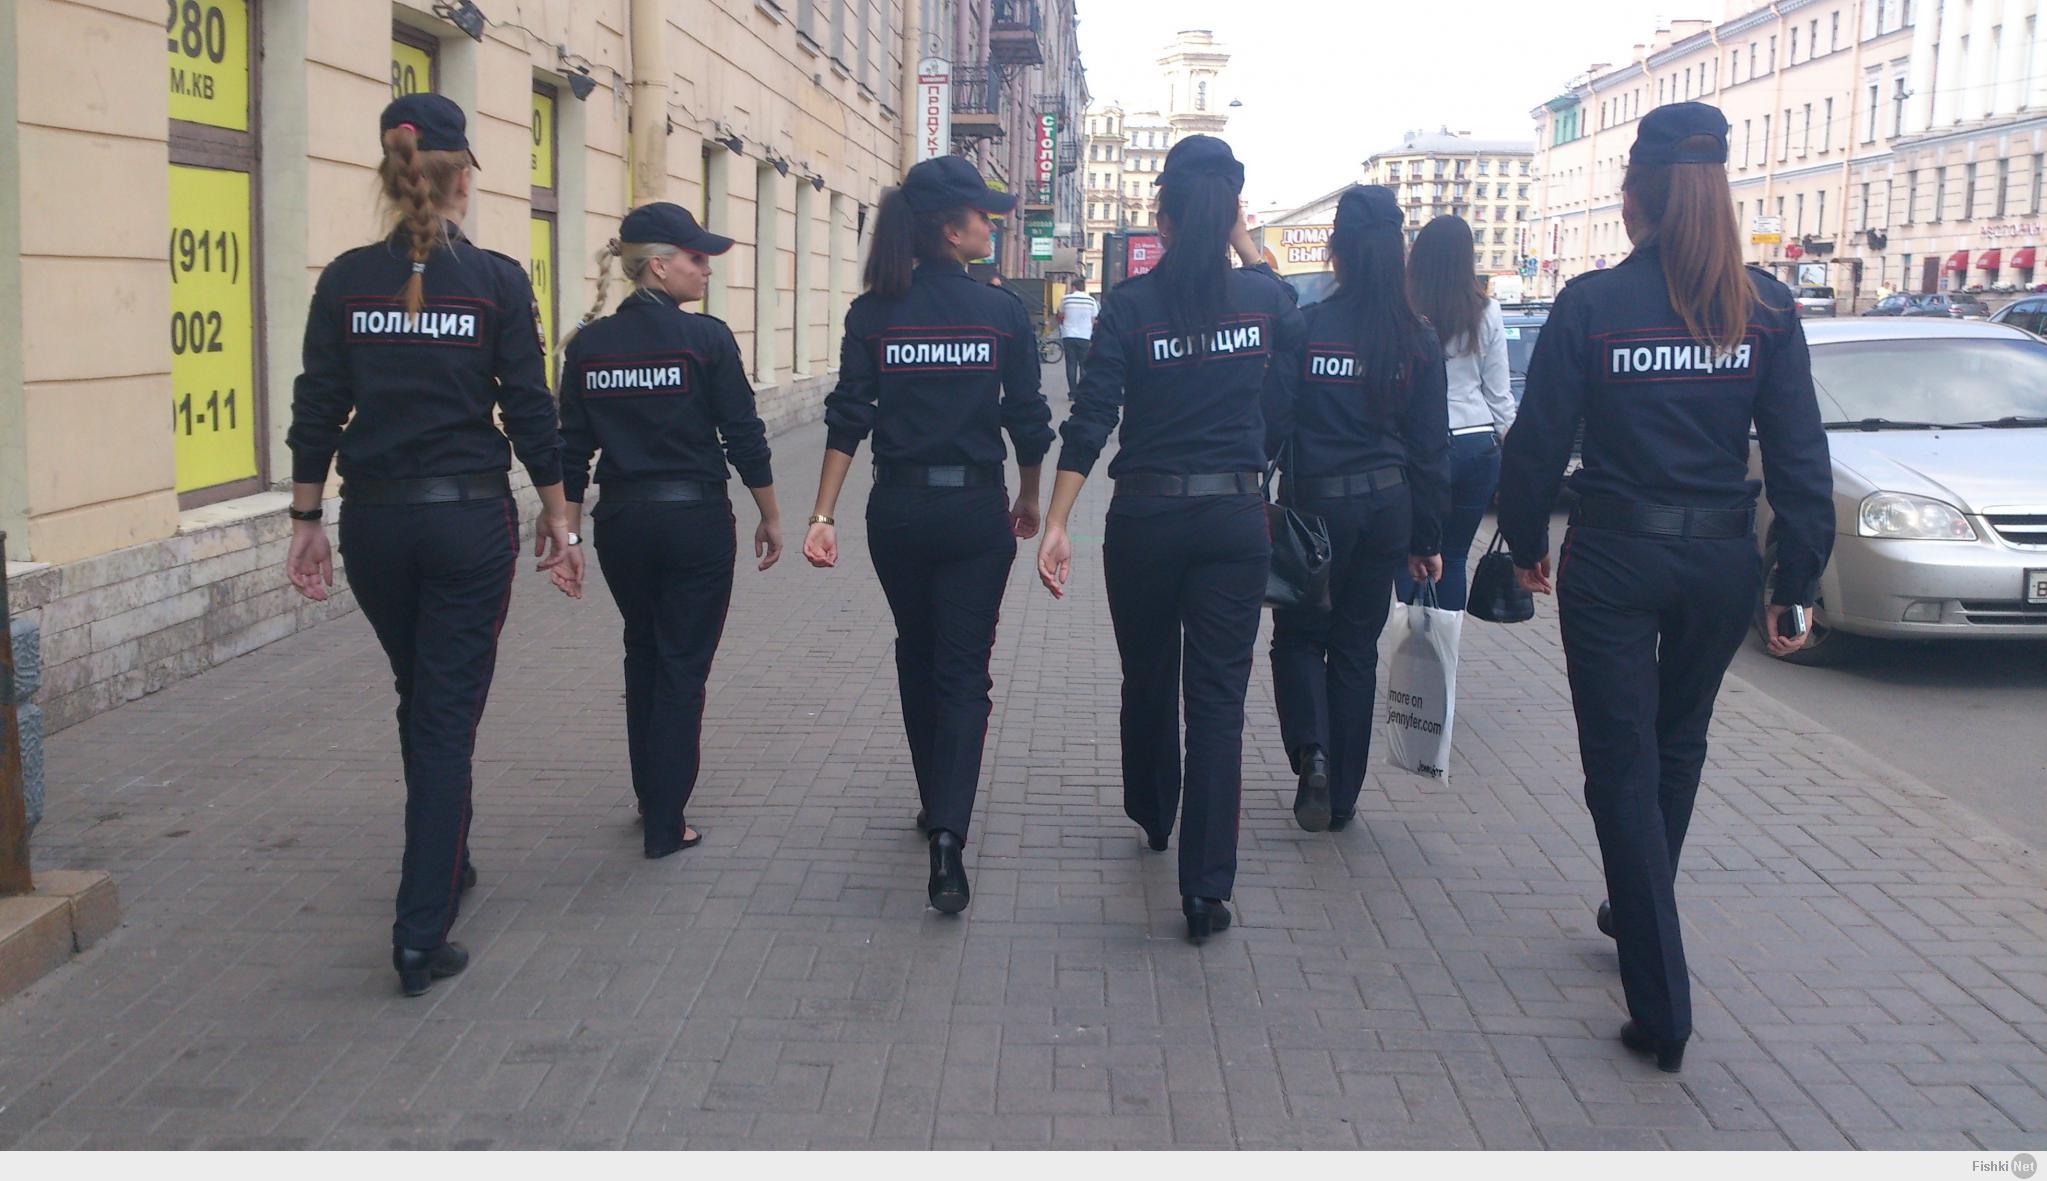 Надписью, картинки девушка полицейский прикольные